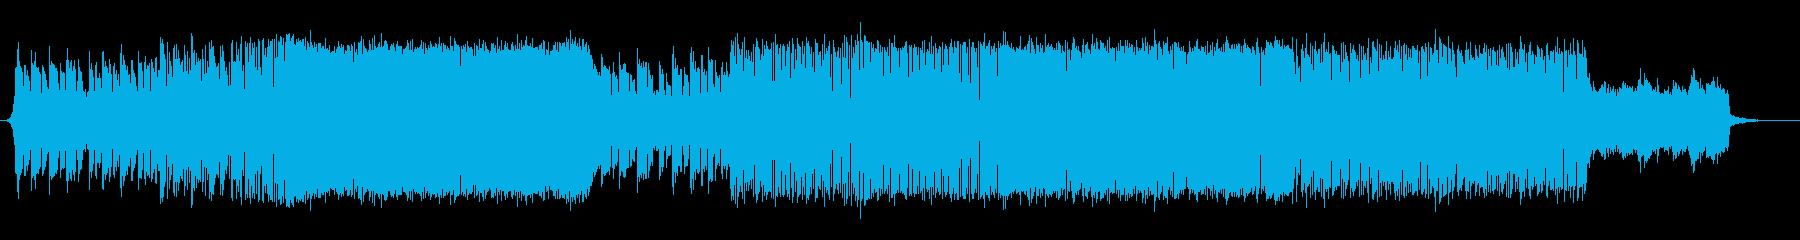 スピード感あるポップなトランスの再生済みの波形